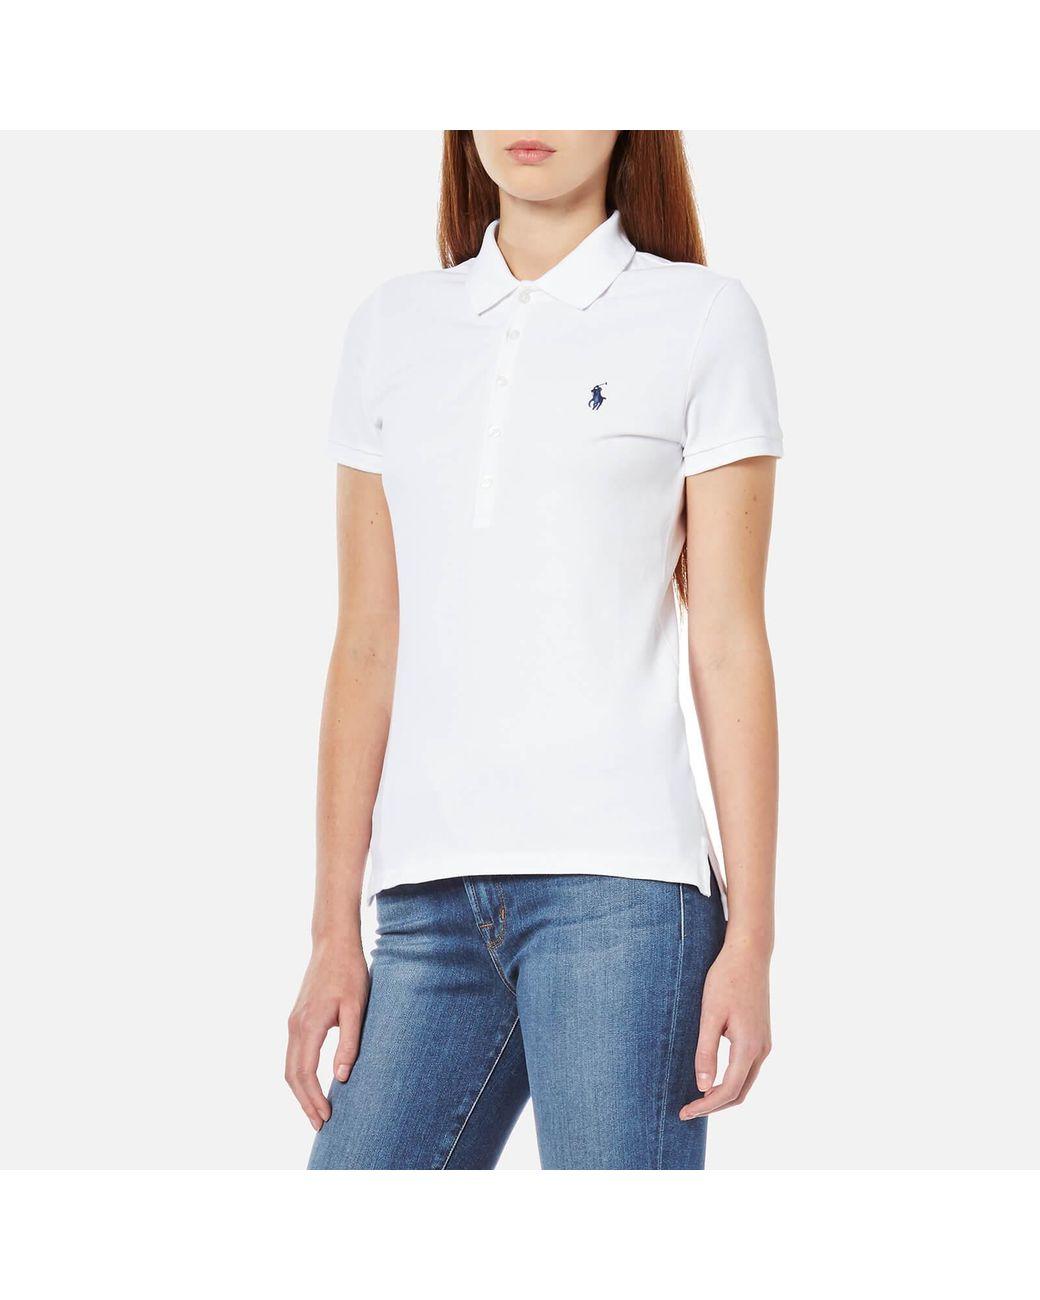 Julie In White Lyst Lkjcf1 Polo Lauren Shirt Ralph kZuiwPOXTl